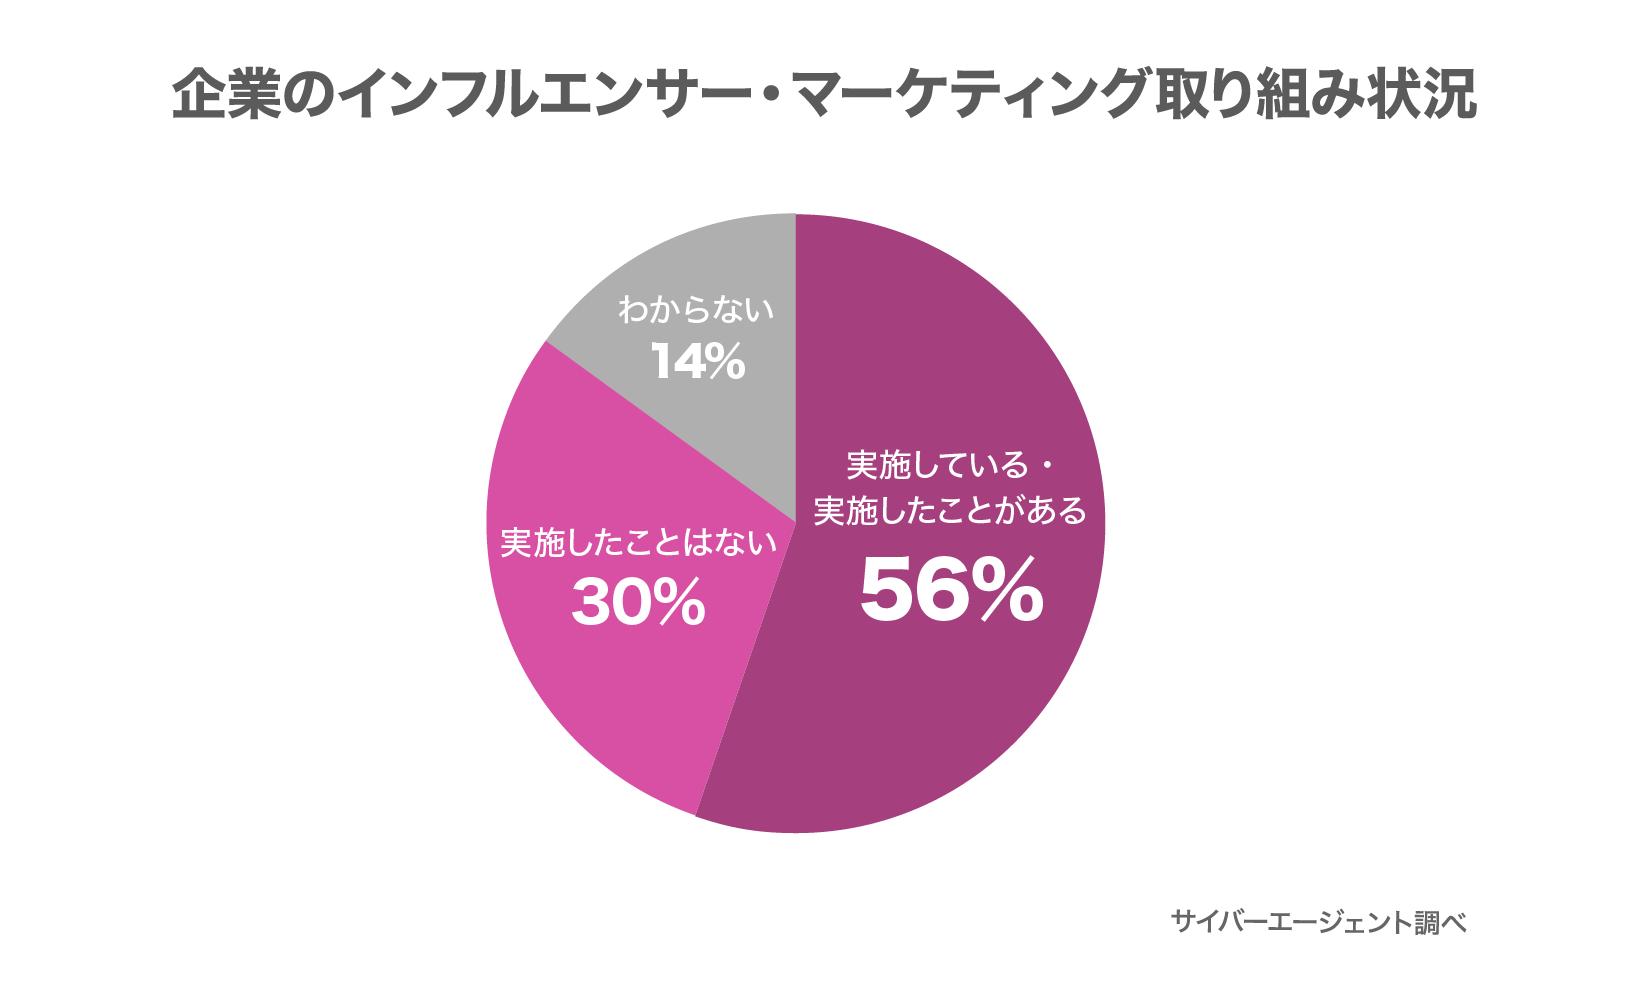 円グラフ:企業のインフルエンサー・マーケティング取り組み状況